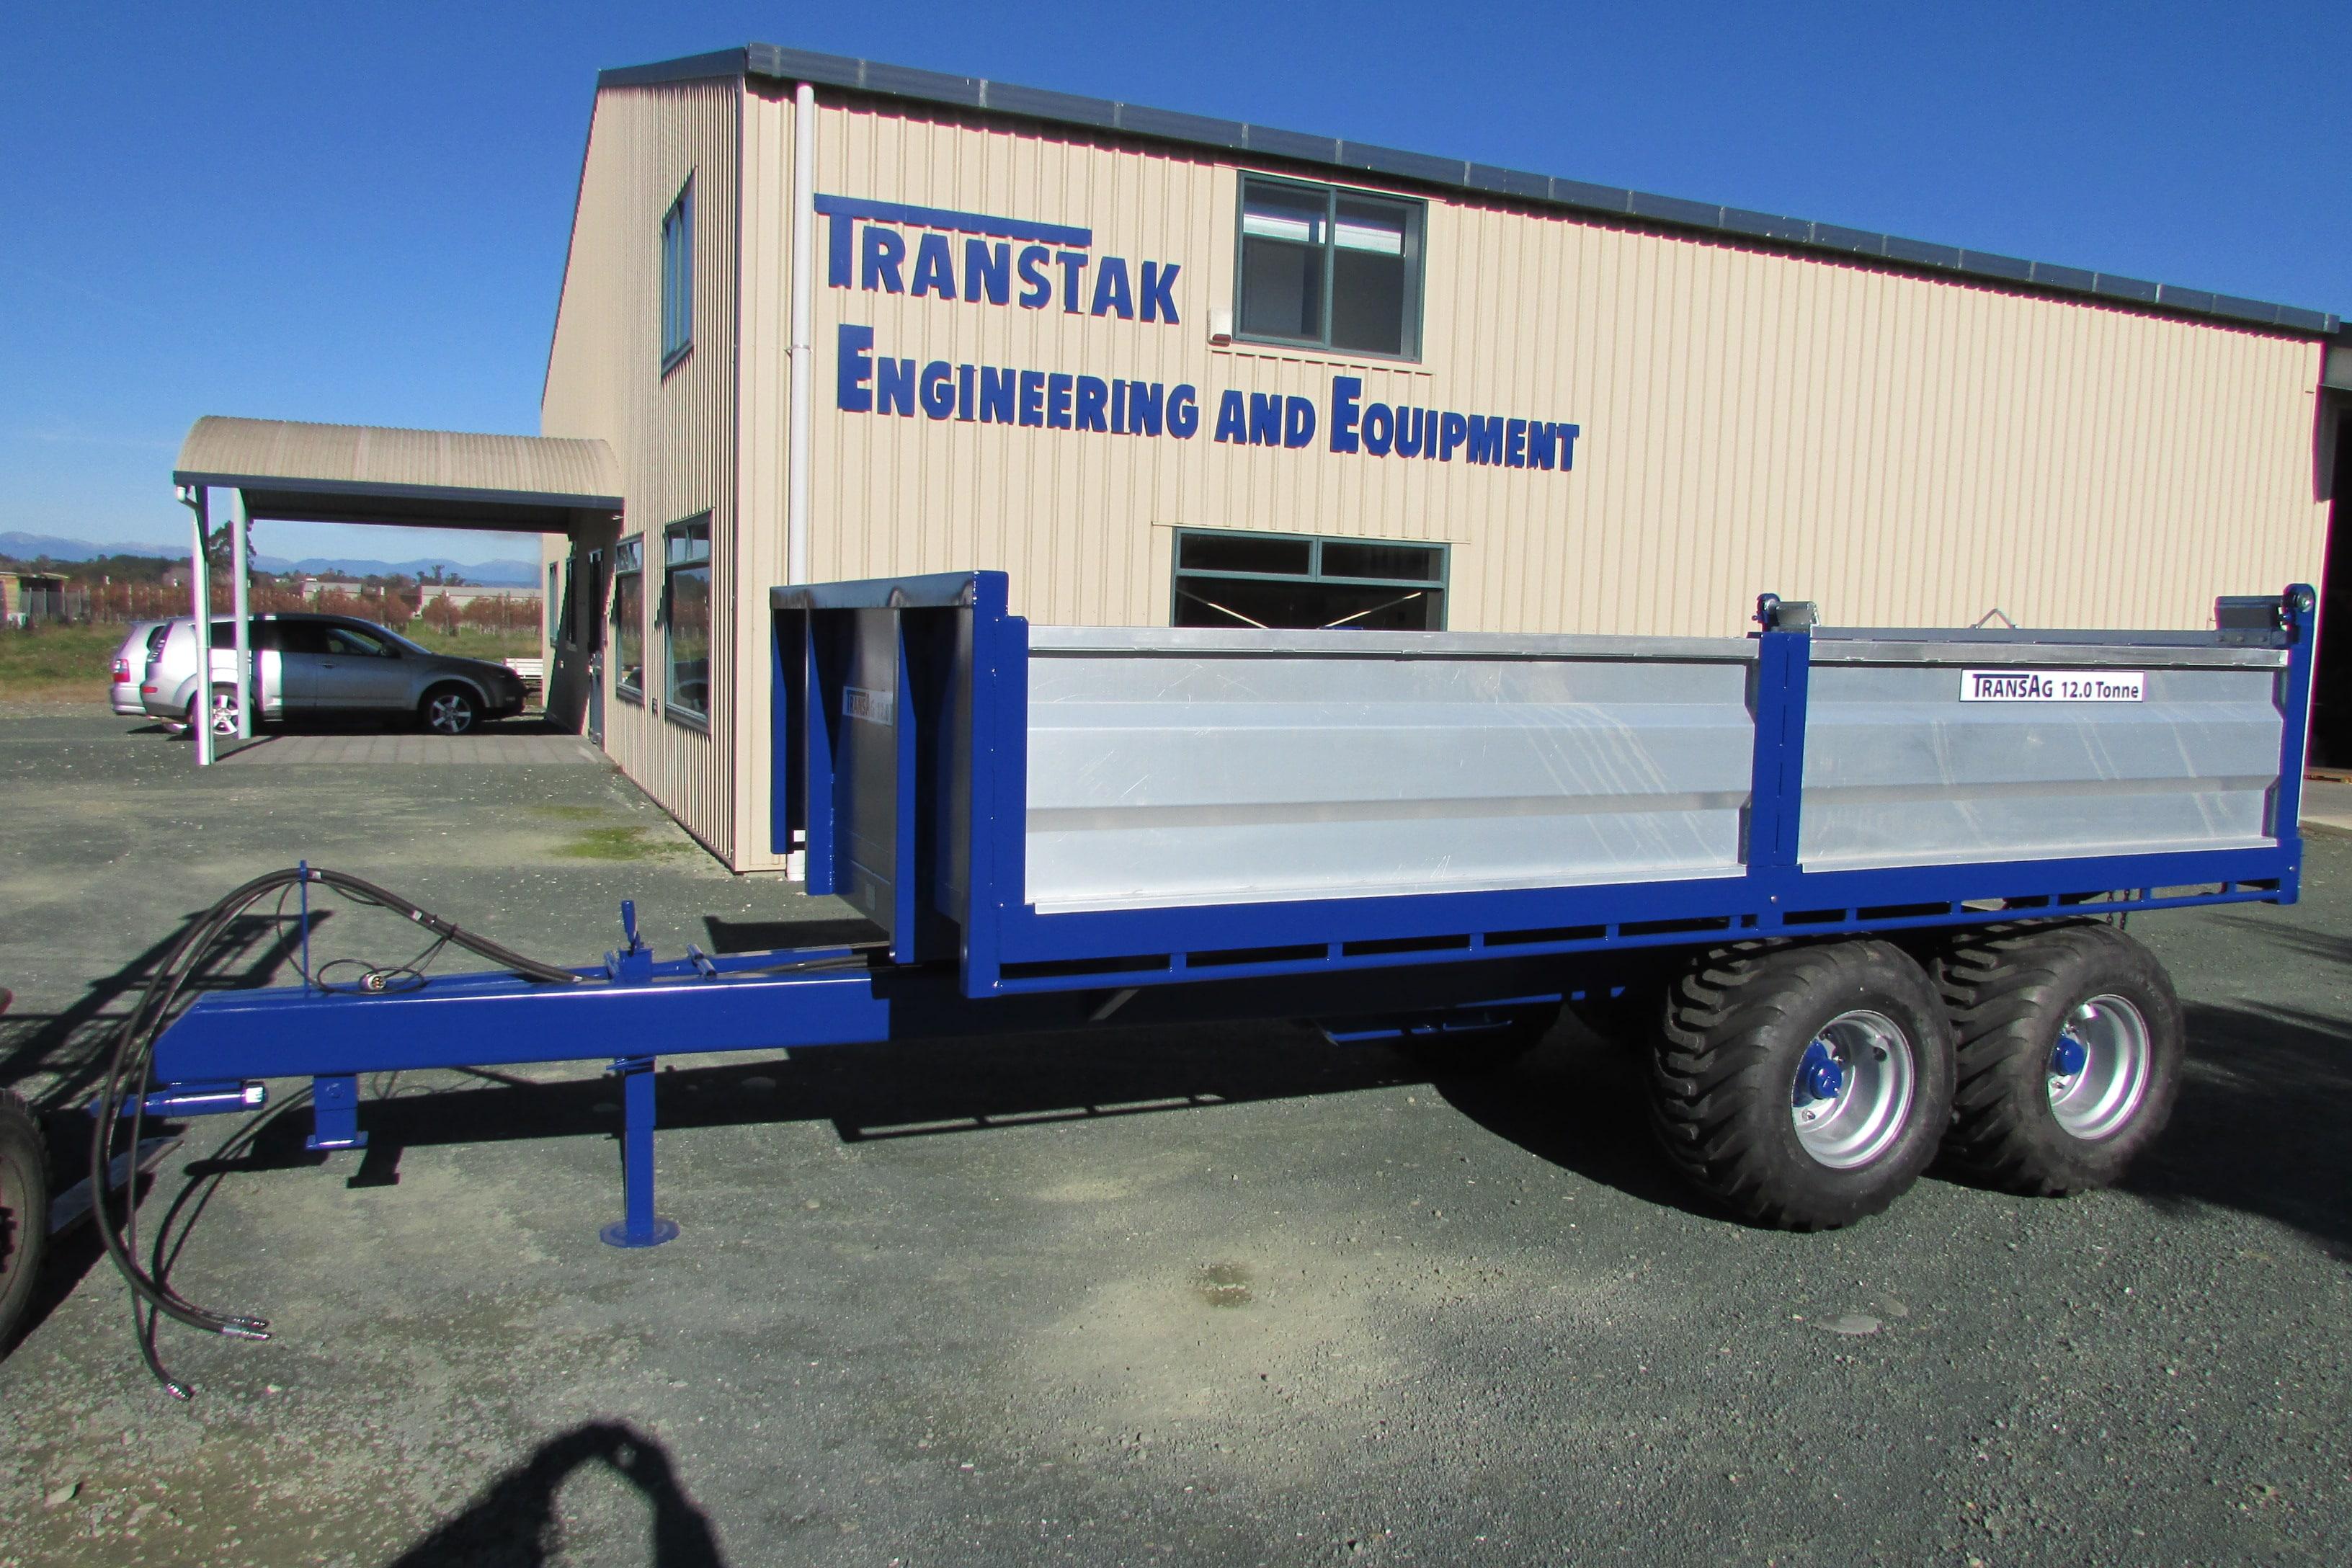 12.0 Tonne Hydraulic Trailer